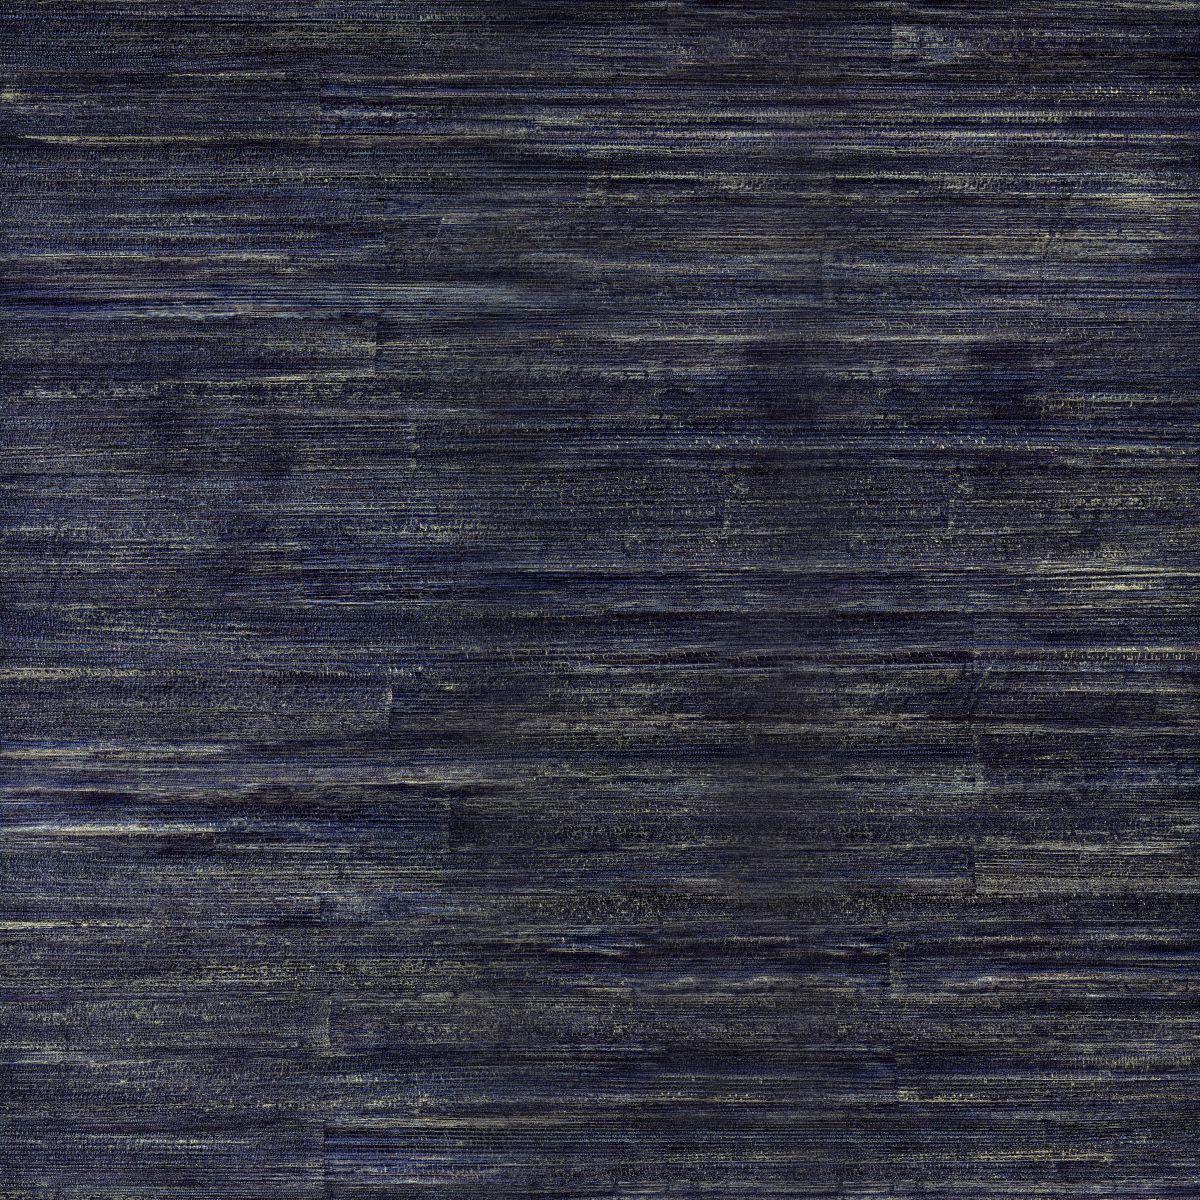 High Quality Wallpapers And Fabrics Arte Nature Fibre